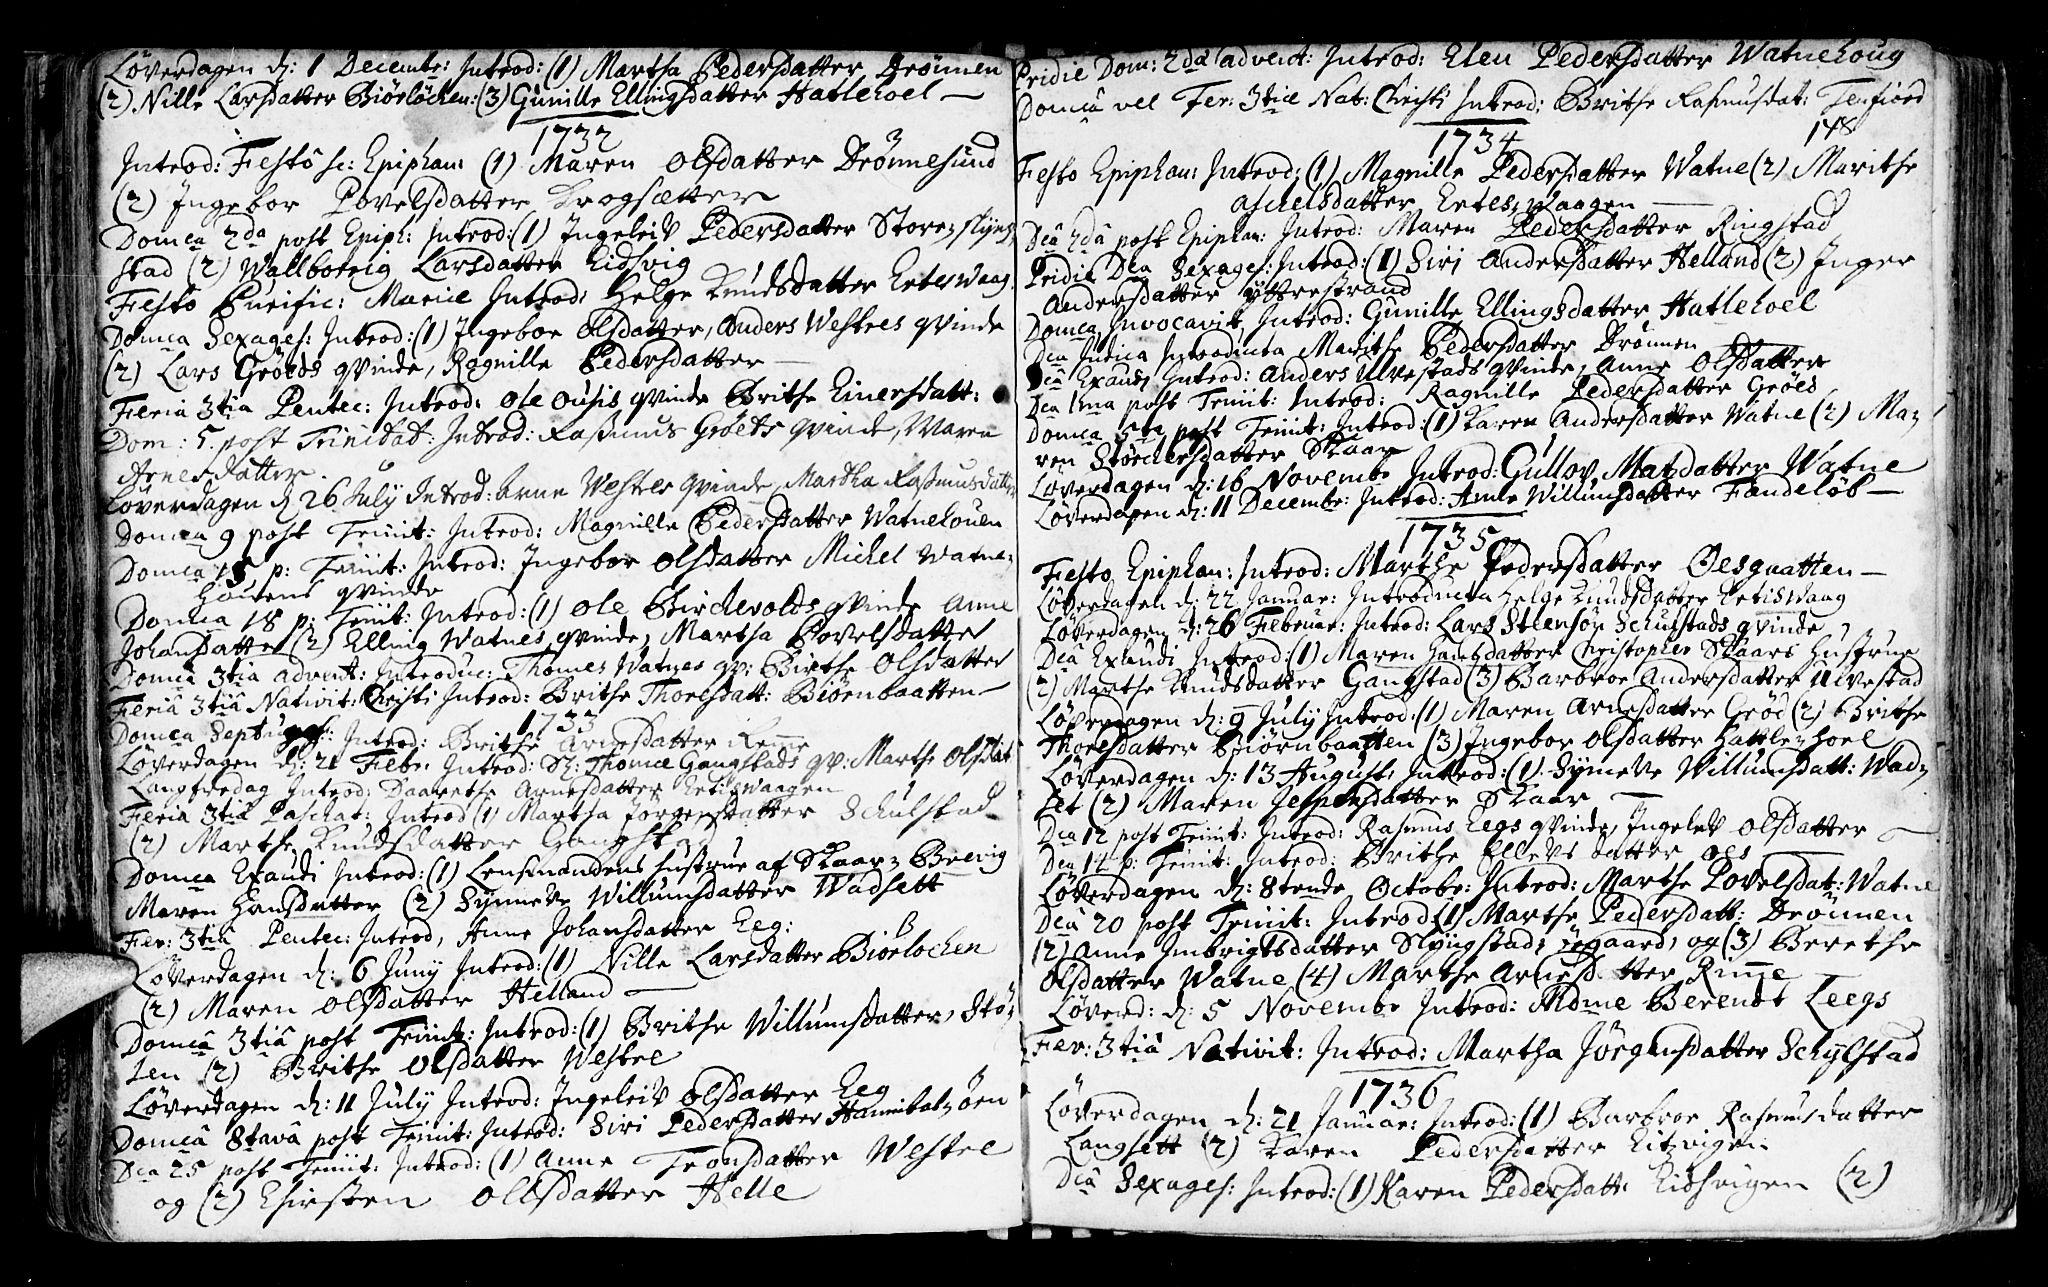 SAT, Ministerialprotokoller, klokkerbøker og fødselsregistre - Møre og Romsdal, 525/L0371: Ministerialbok nr. 525A01, 1699-1777, s. 148